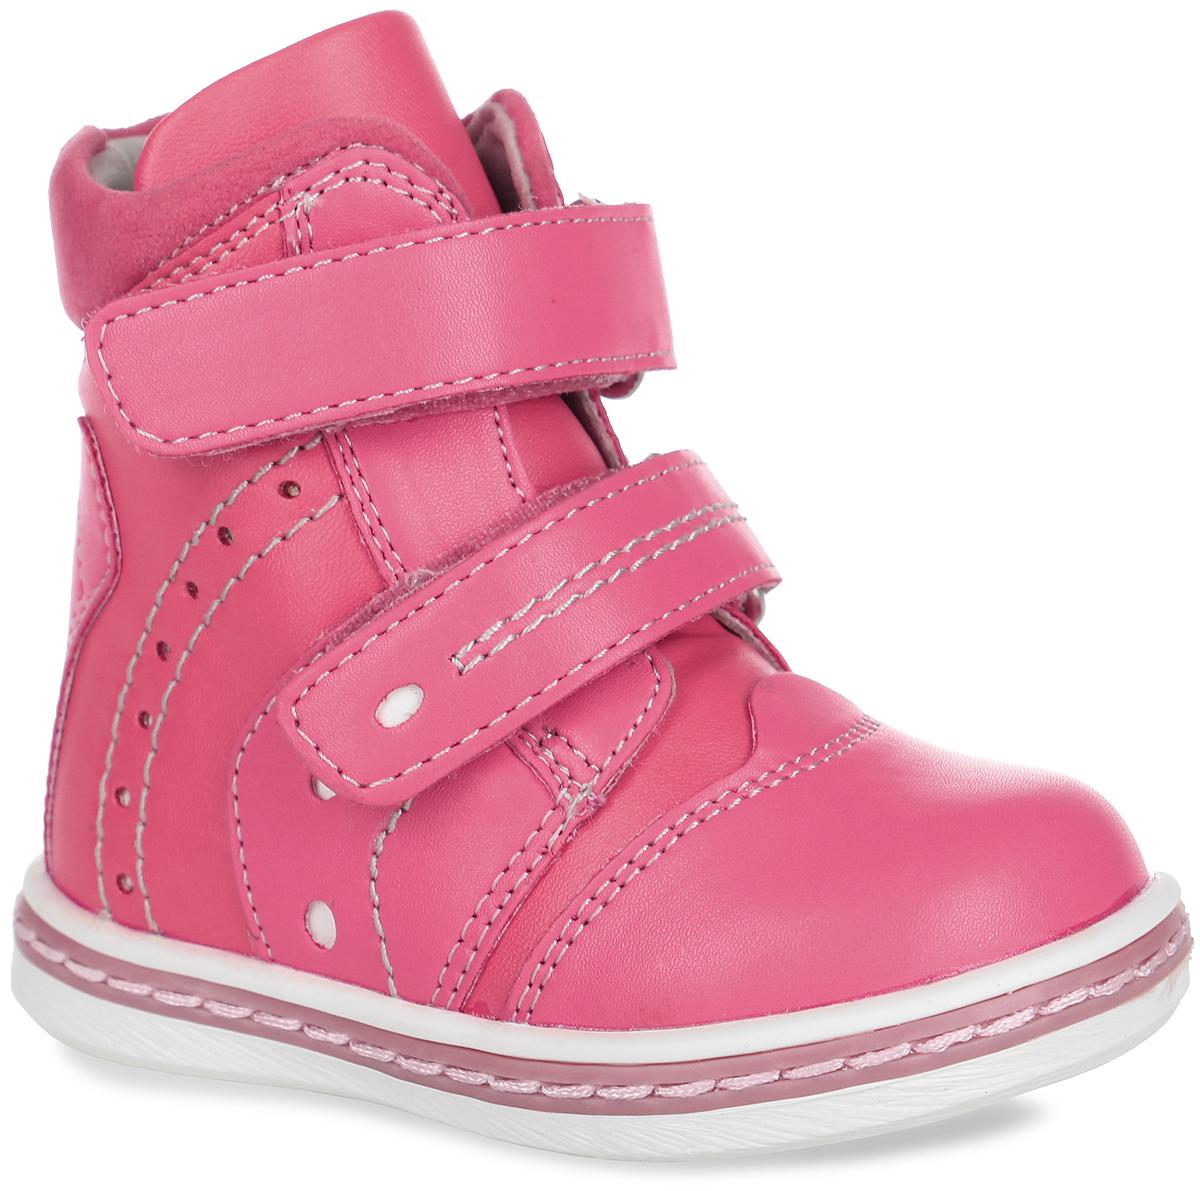 Ботинки для девочки. 368220368220Чудесные ботинки от PlayToday очаруют вашу девочку с первого взгляда. Модель, выполненная из искусственной кожи, оформлена контрастной прострочкой и декоративной перфорацией. Ремешки с застежками-липучками надежно зафиксируют модель на ноге. Внутренняя поверхность из натуральной кожи и шерсти с добавлением полиэстера не даст ногам замерзнуть. Стелька из материала ЭВА с поверхность из шерсти с добавлением полиэстера дополнена супинатором, который обеспечивает правильное положение стопы ребенка при ходьбе и предотвращает плоскостопие. Подошва с рифлением обеспечивает сцепление с любой поверхностью. В таких ботинках ножкам вашей дочурки всегда будет комфортно и уютно!